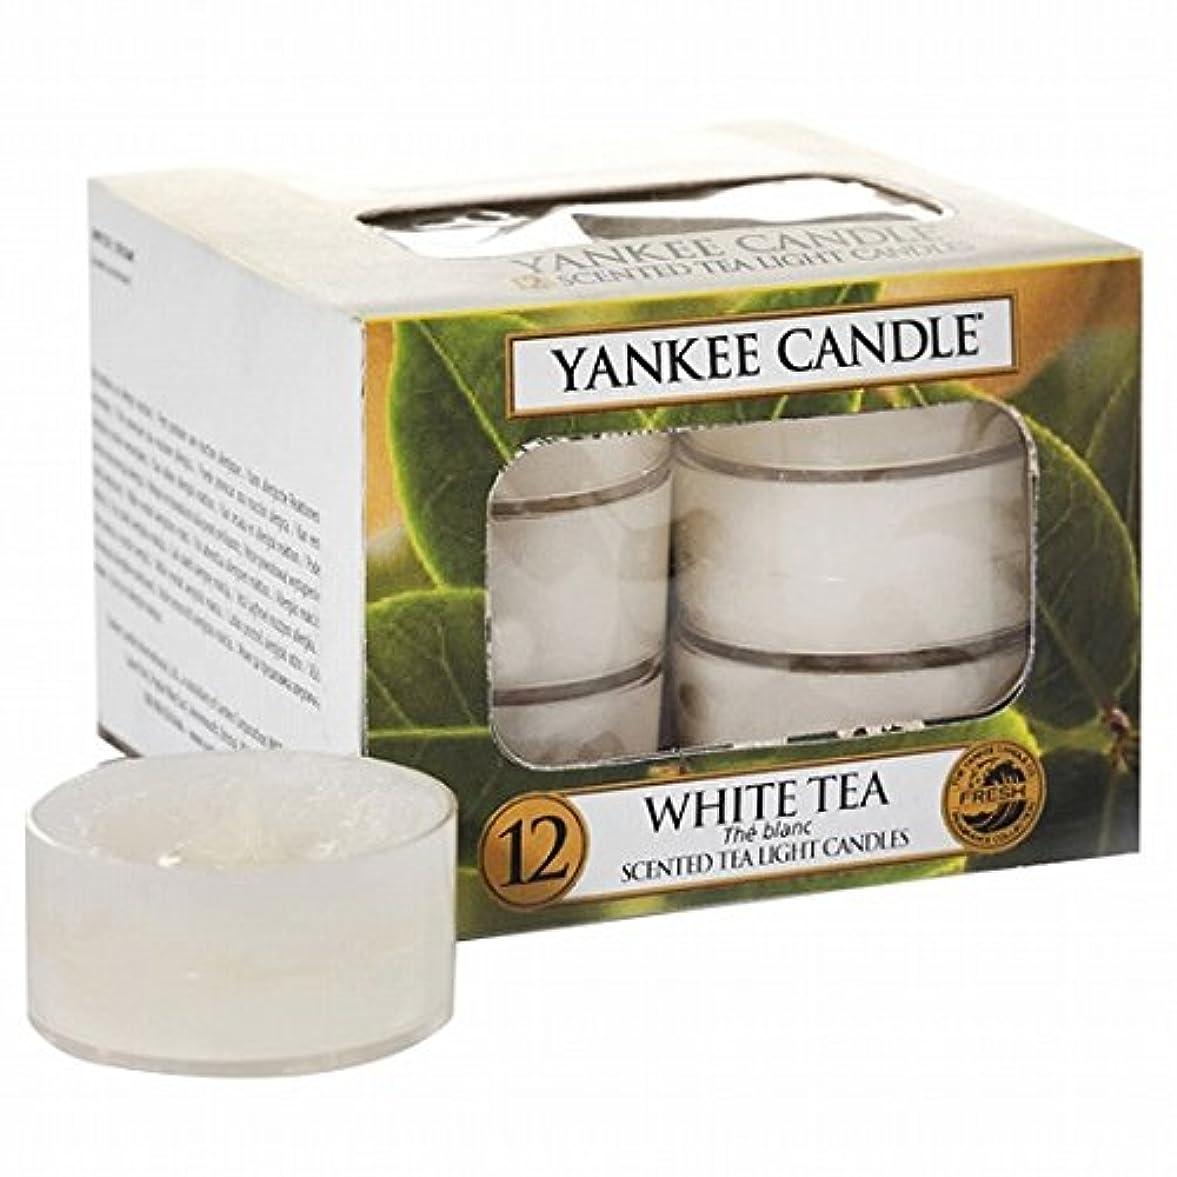 風変わりな量革命的YANKEE CANDLE(ヤンキーキャンドル) YANKEE CANDLE クリアカップティーライト12個入り 「ホワイトティー」(K00505277)